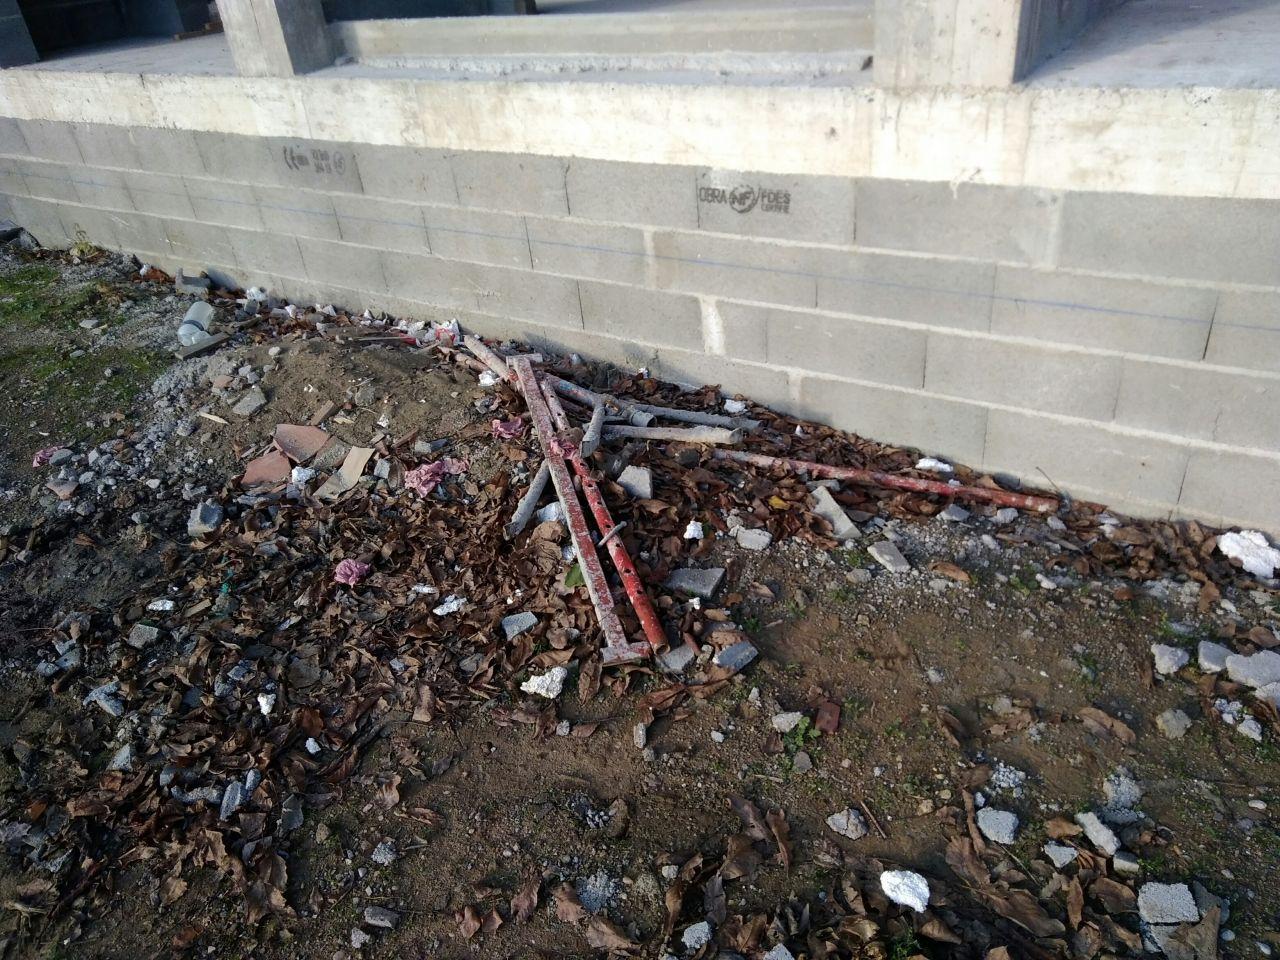 Détritus laissé devant la maison